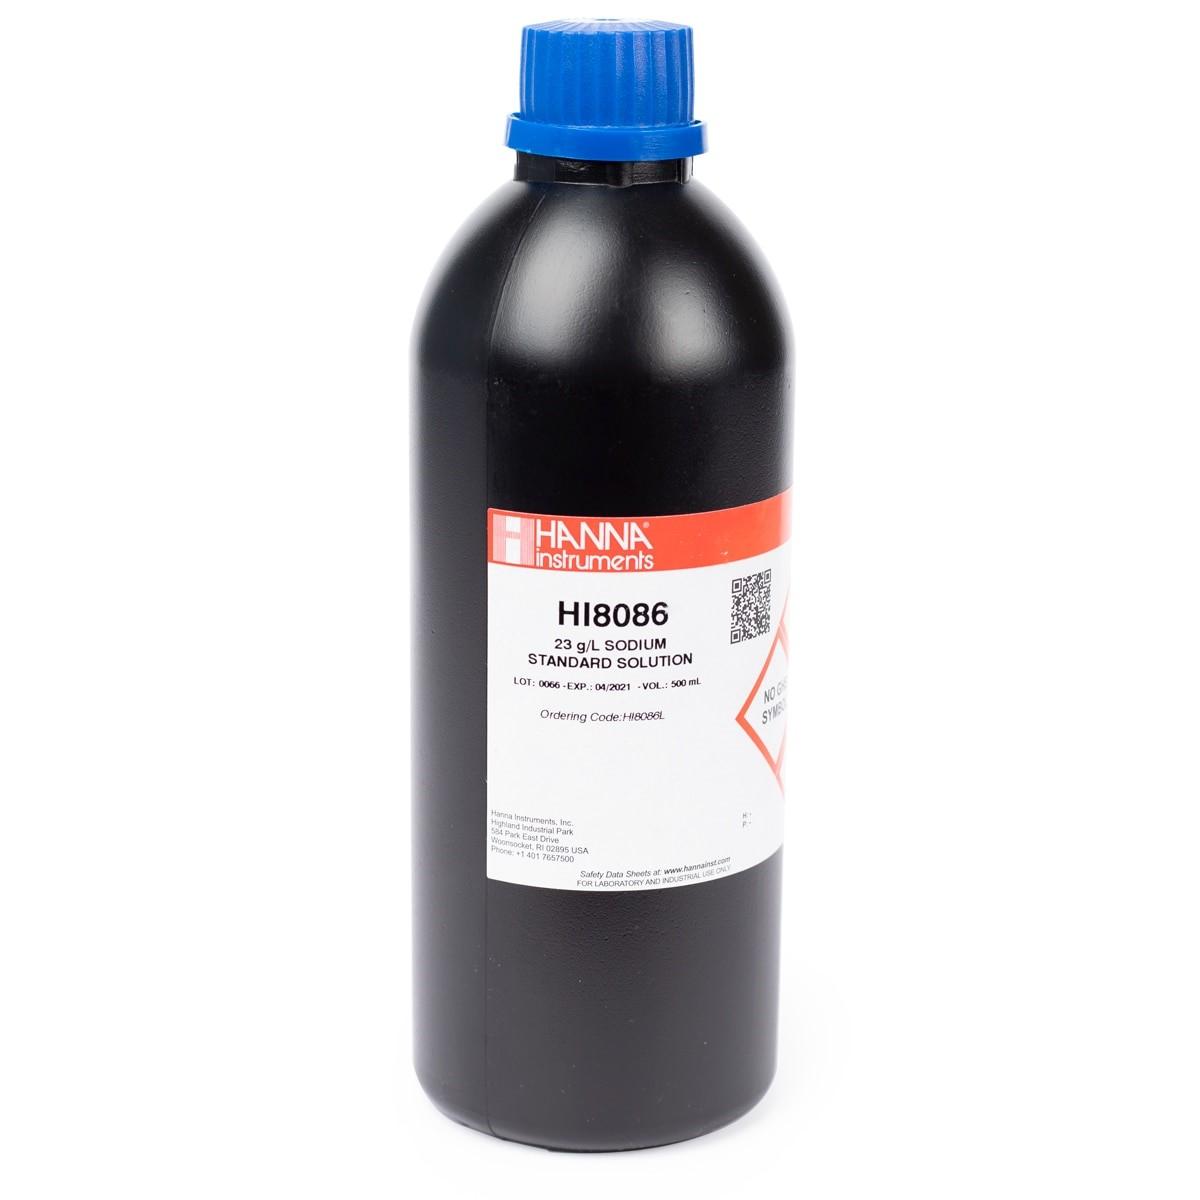 HI8086L Standard Solution at 23 g/L Na+ (500 mL) FDA bottle